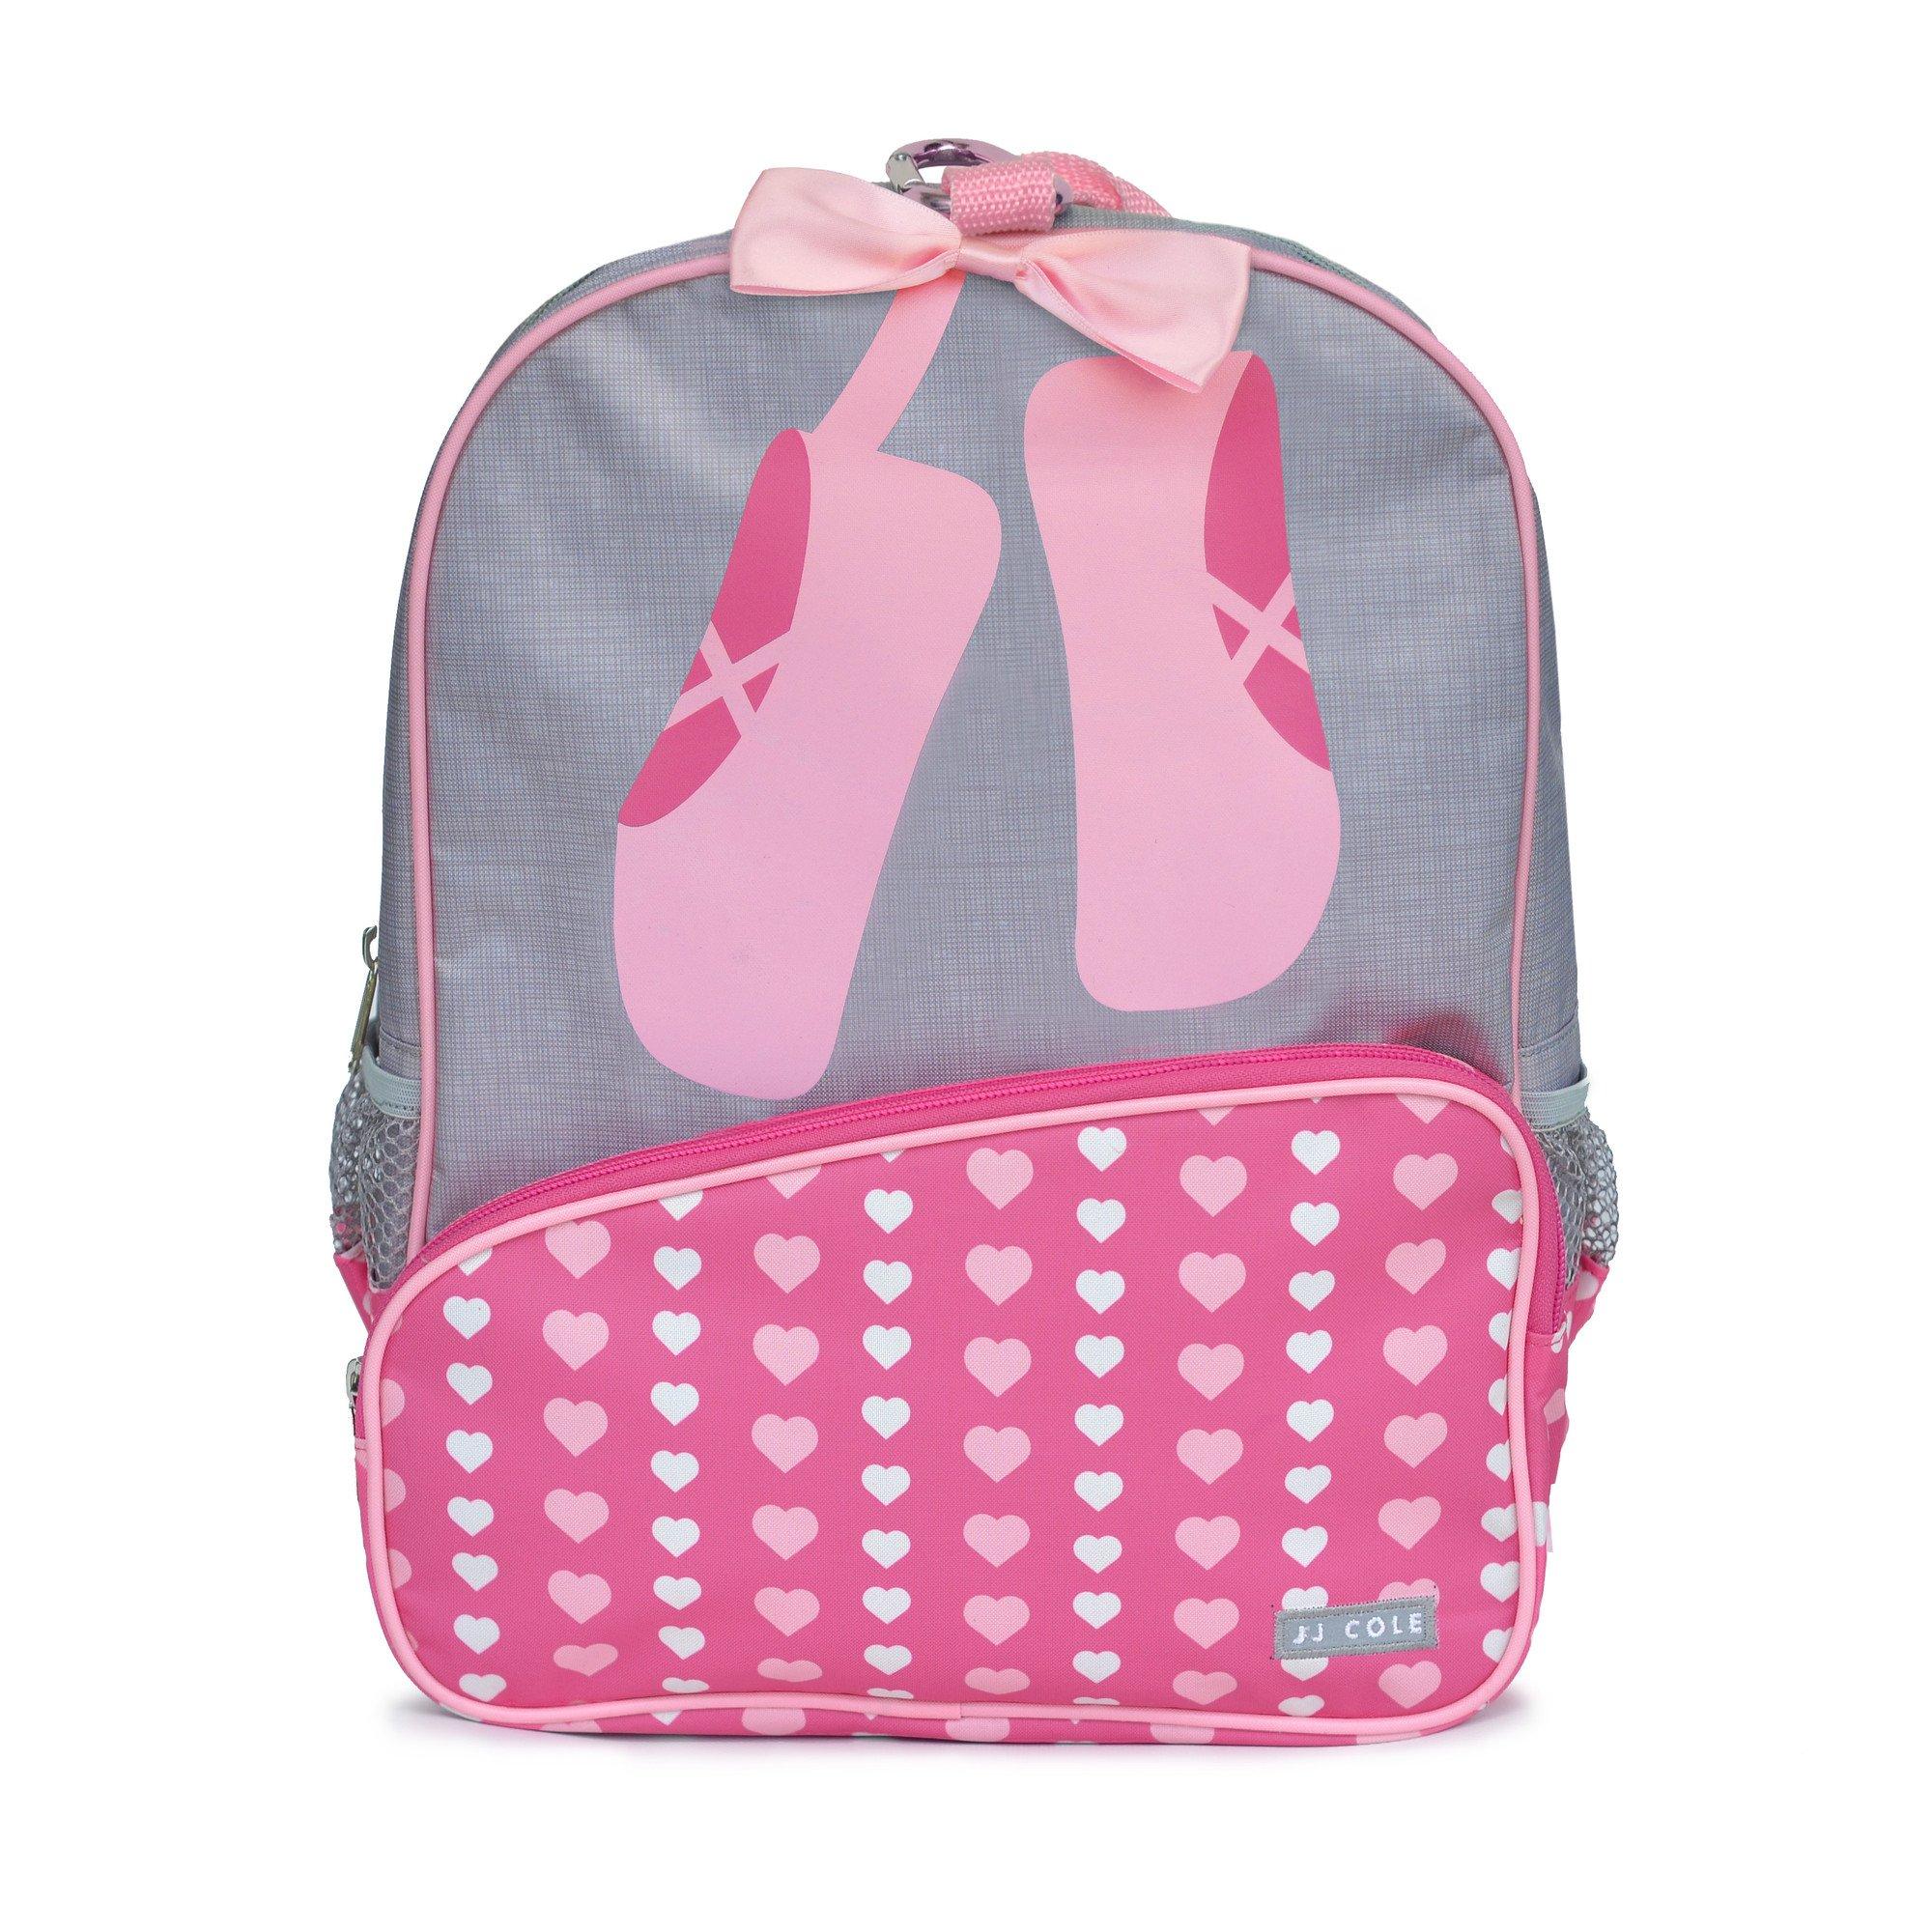 Little JJ Cole Toddler Backpack Ballet